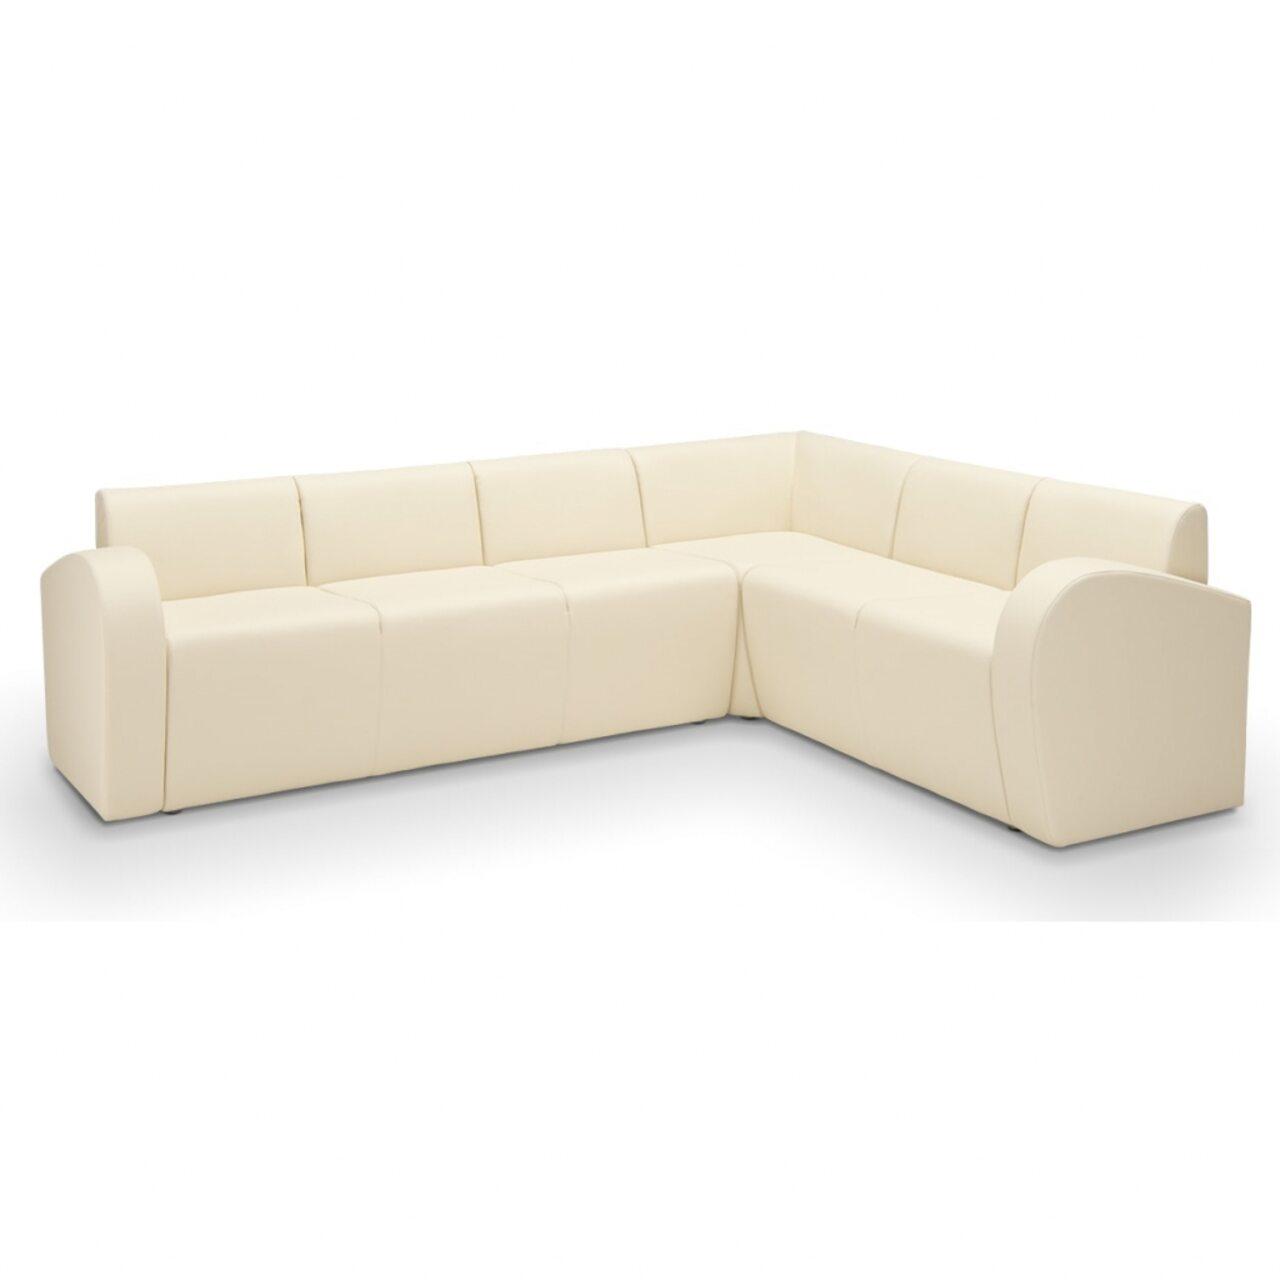 Мягкая офисная мебель ДУГЛАС - фото 1